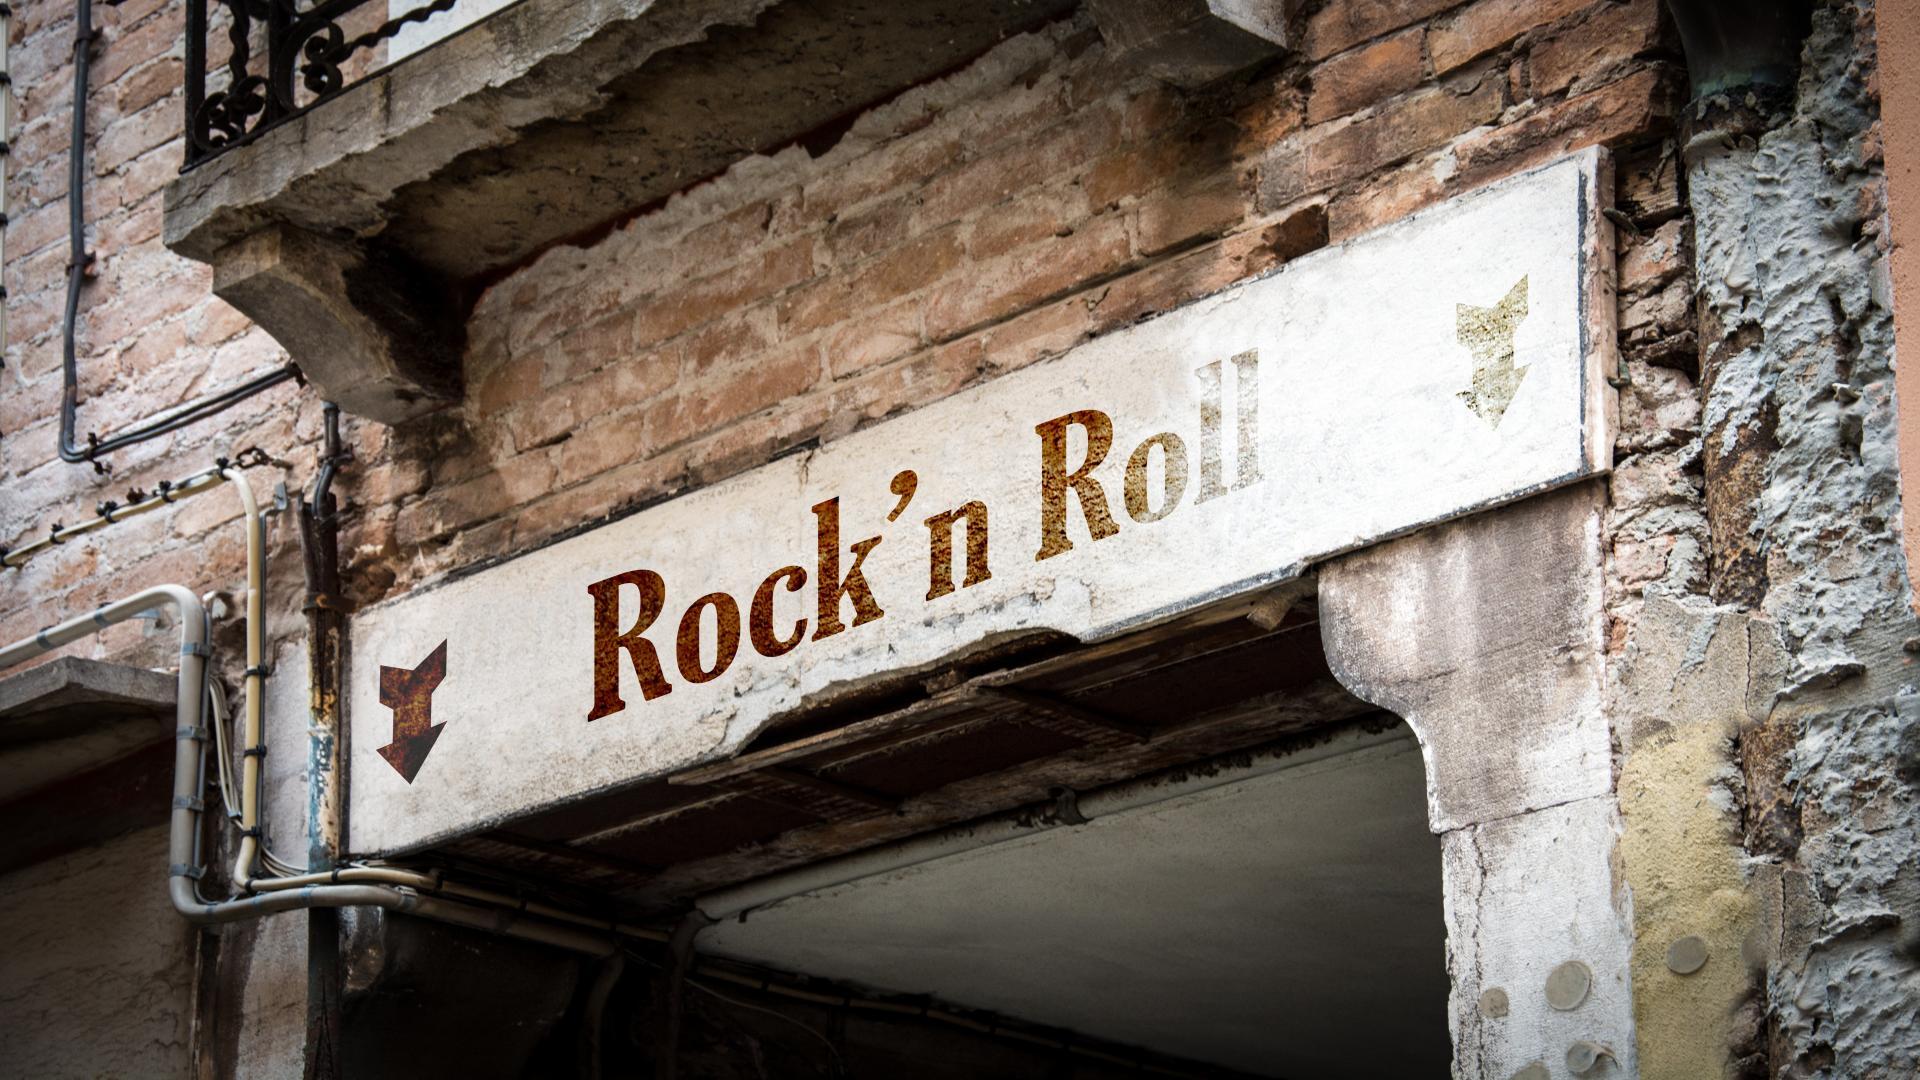 Rockstar-Lifestyle: Hacks für ein rockiges Feeling zuhause